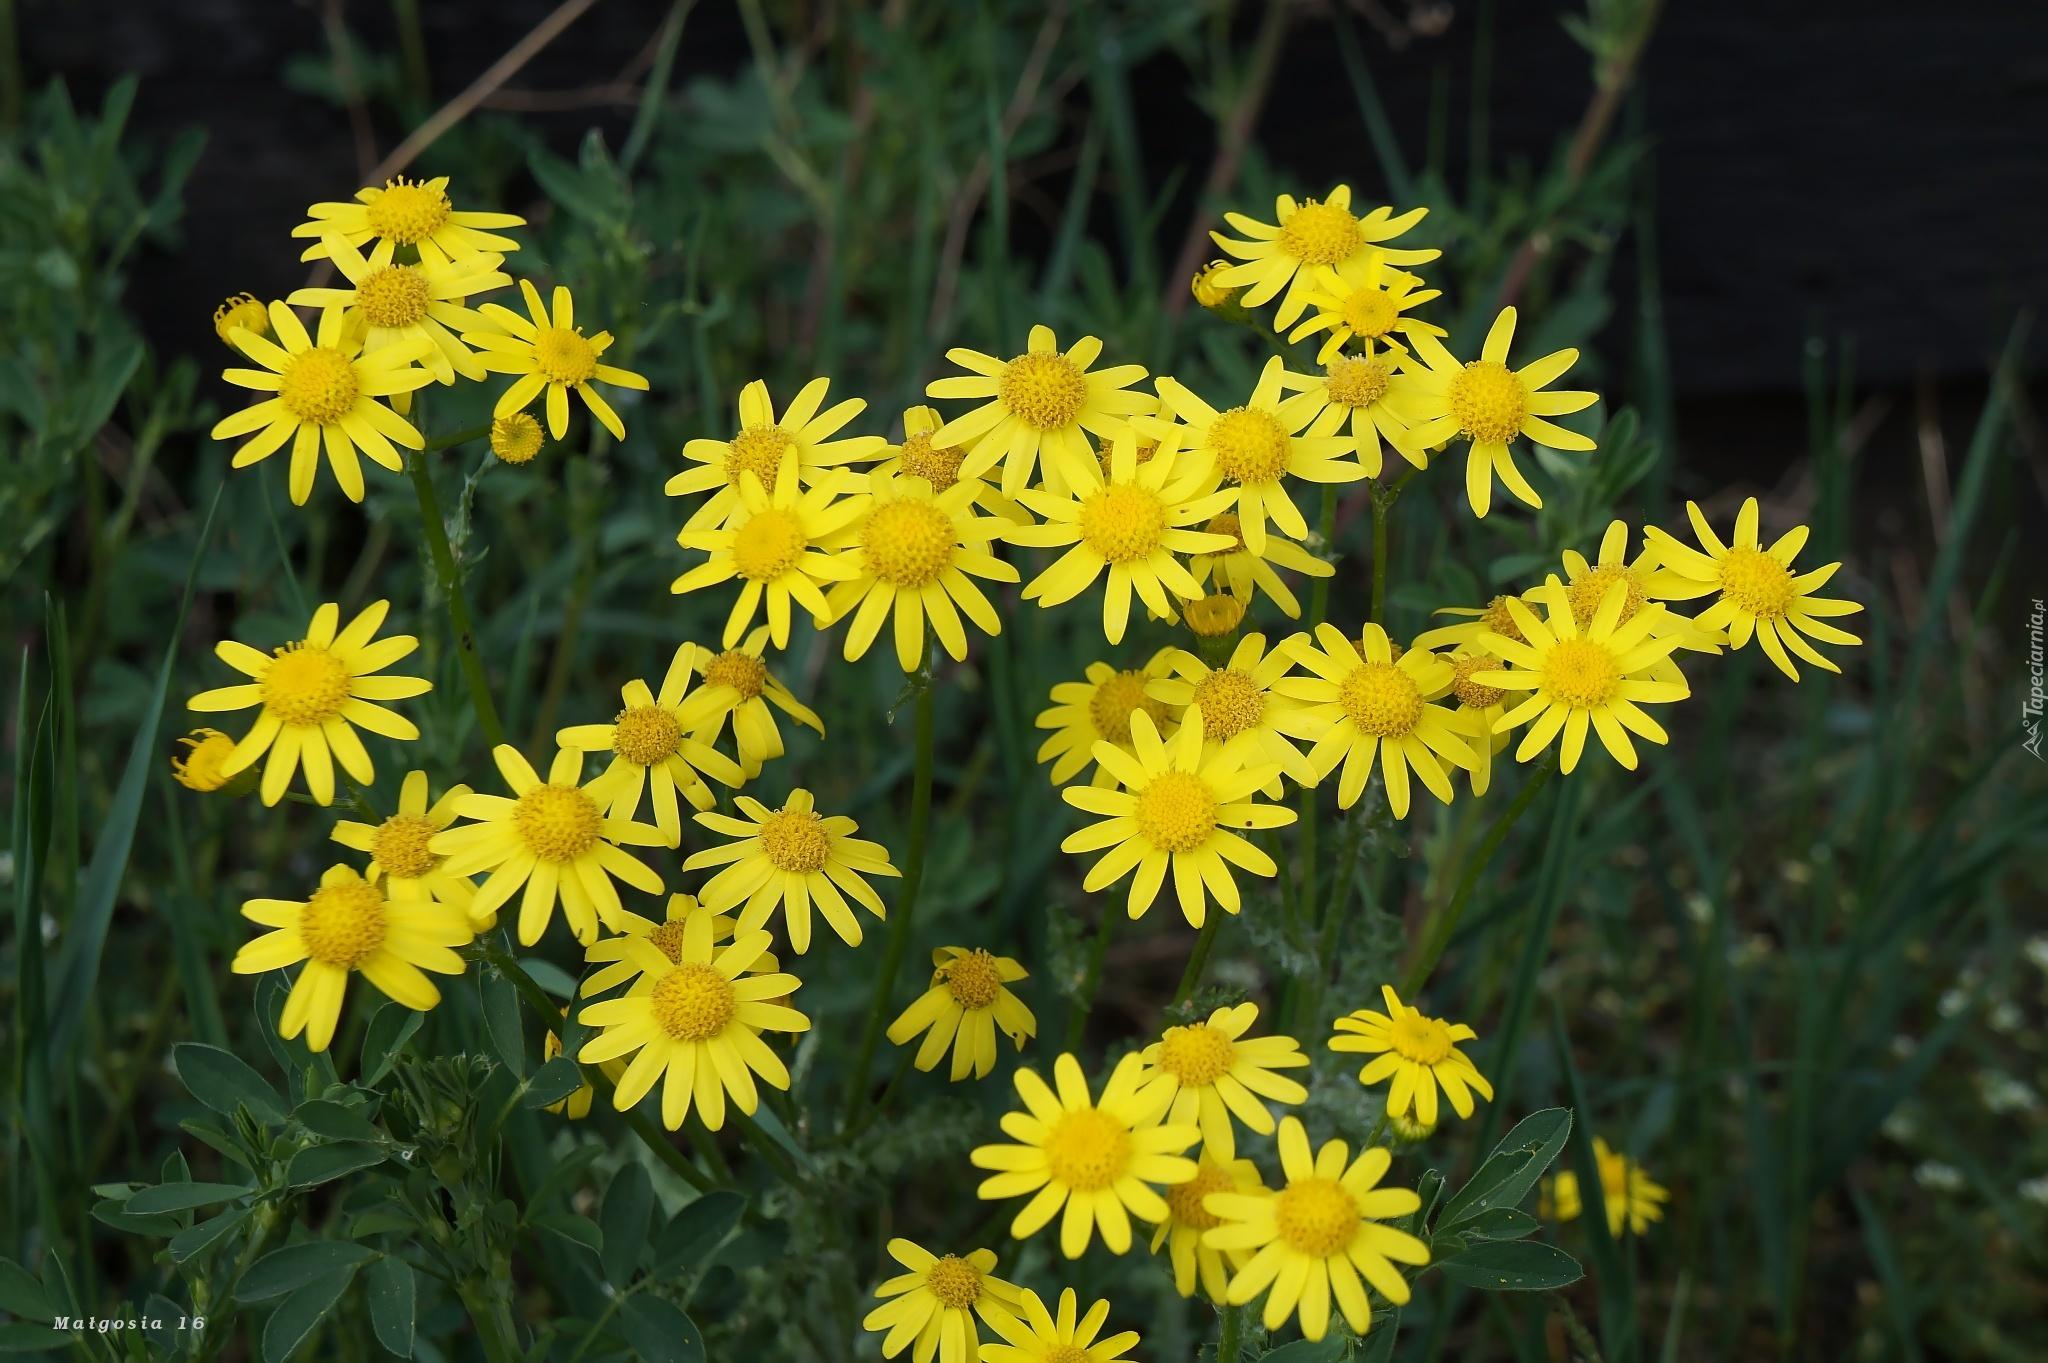 Kwiaty Zolte Kwitnace Wiosenne